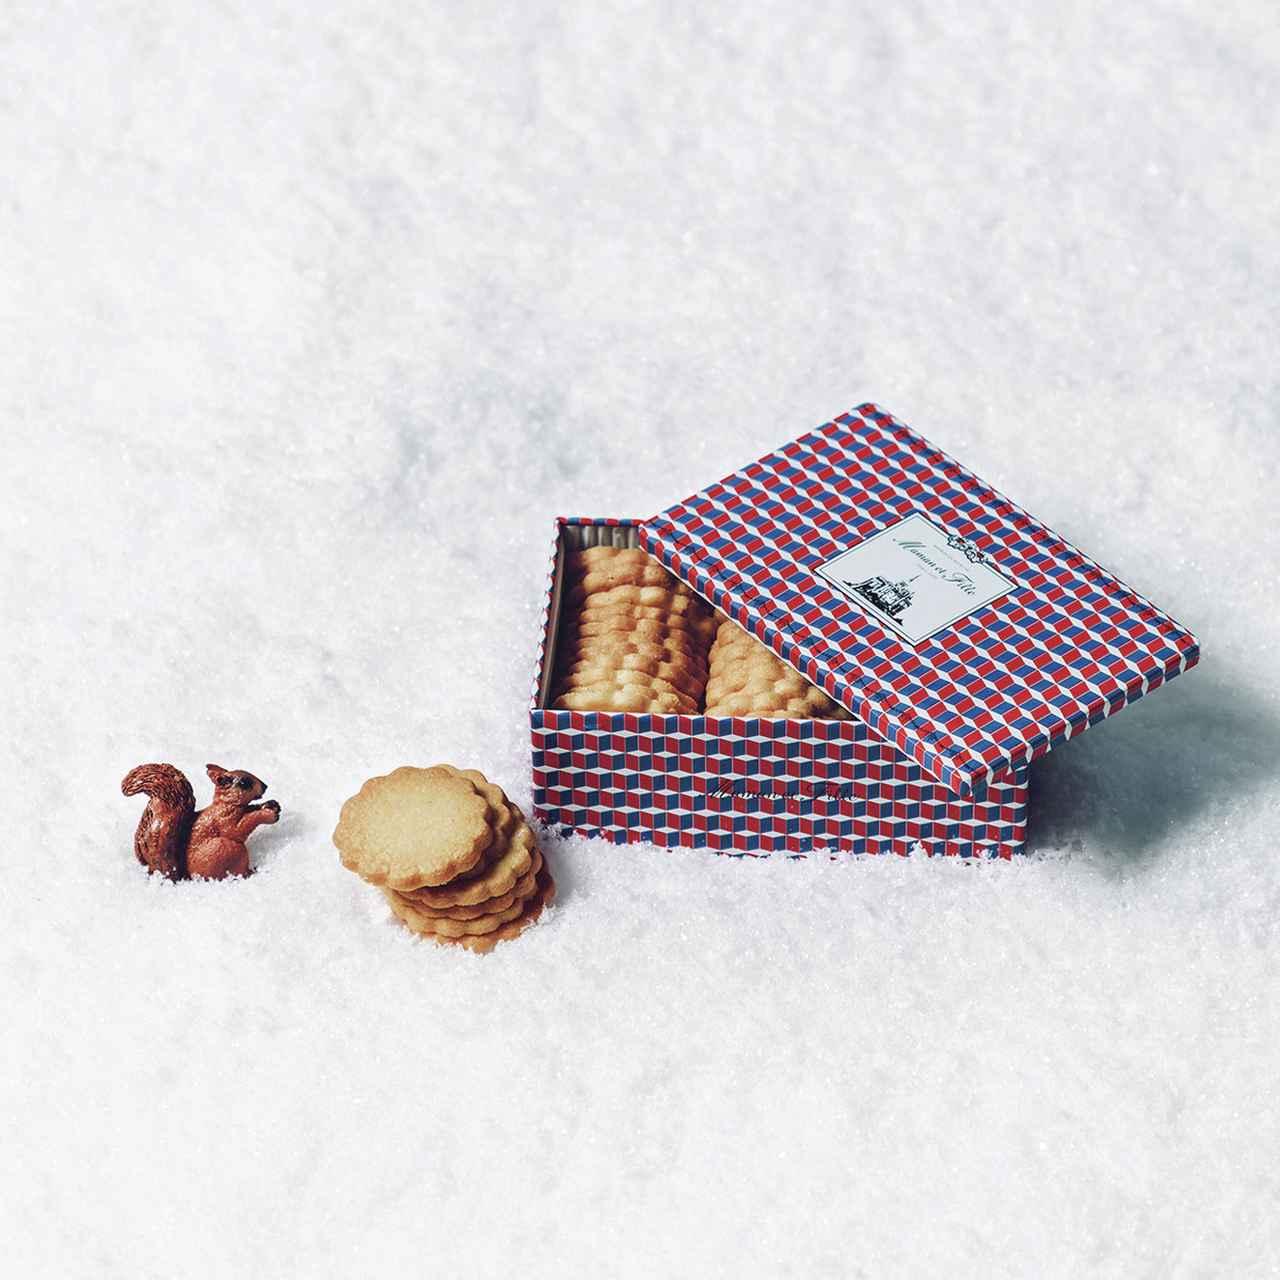 Images : 4番目の画像 - 「目利きが厳選。 大切な人へ届けたい 冬の贈り物 <Vol.1>」のアルバム - T JAPAN:The New York Times Style Magazine 公式サイト